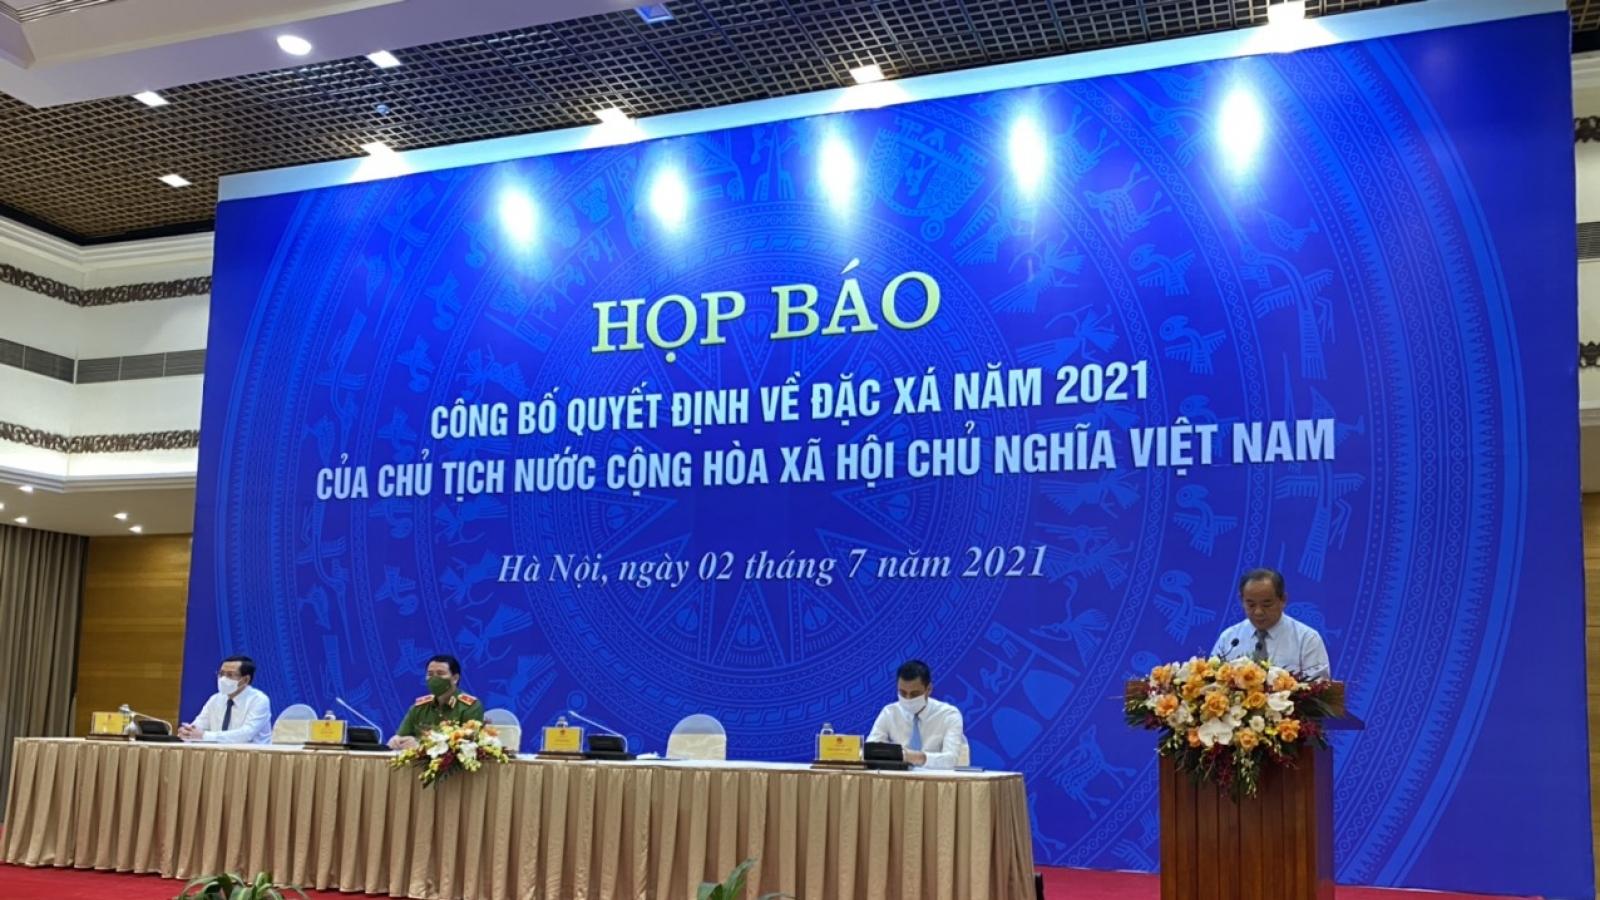 Công bố quyết định về đặc xá dịp Quốc khánh năm 2021